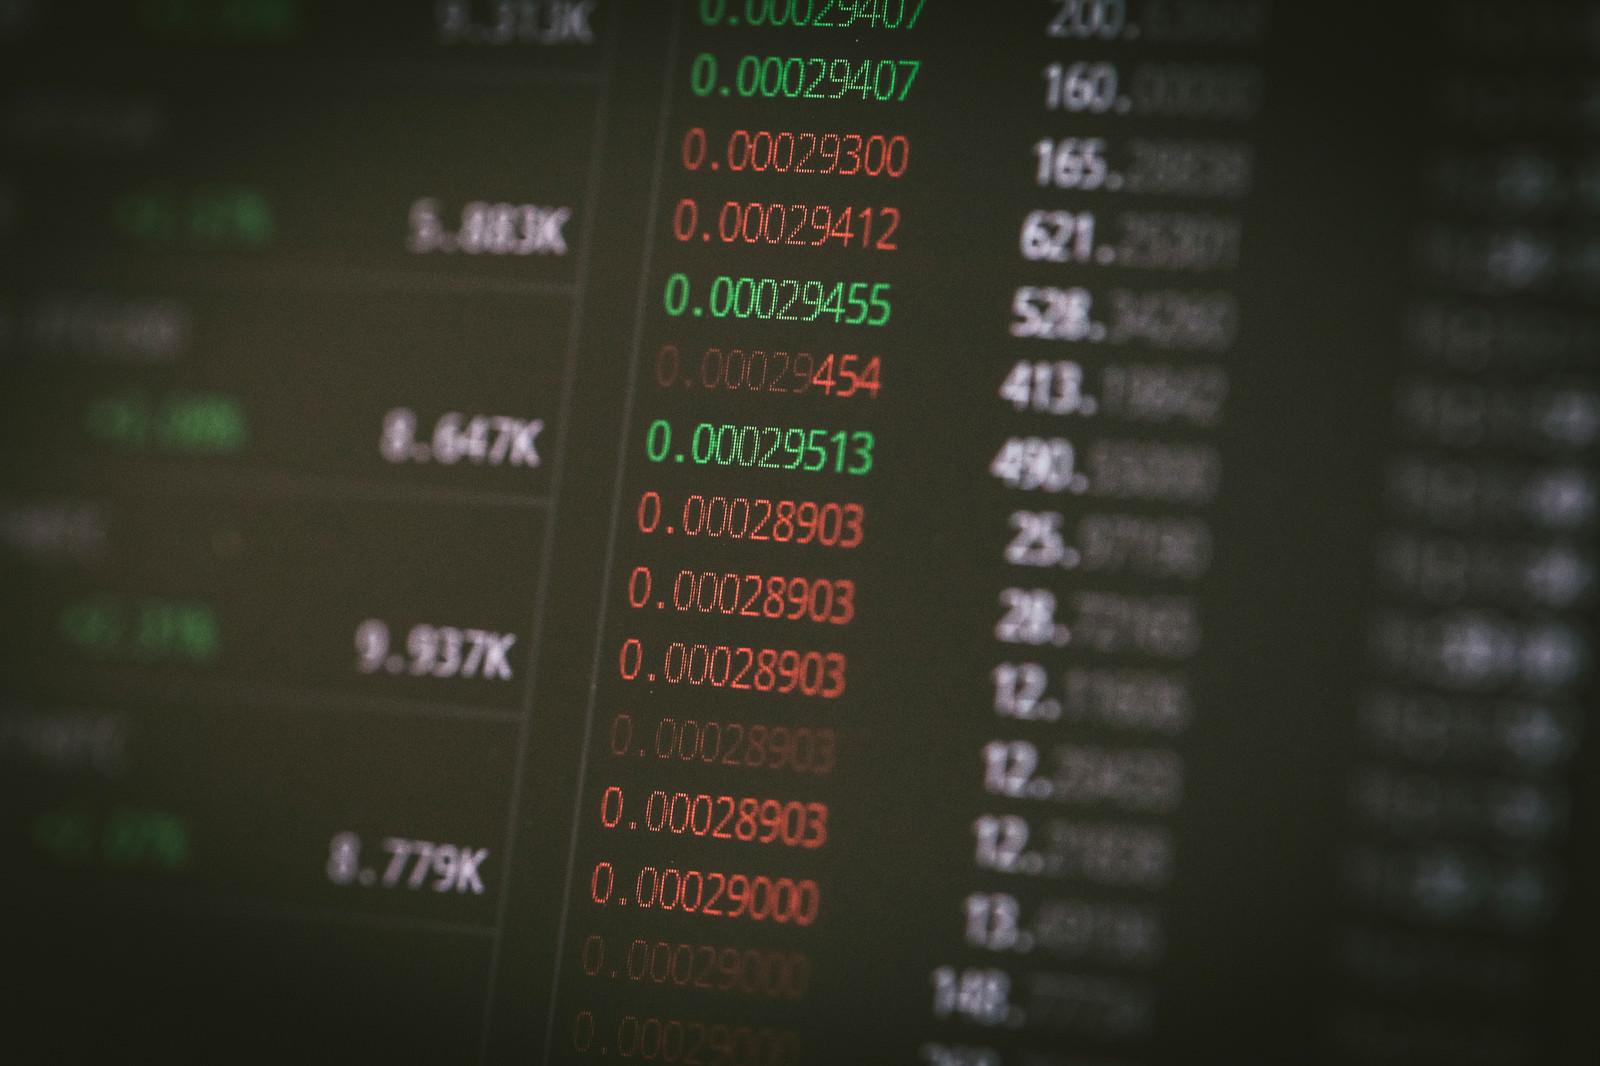 「板情報と値動き」の写真